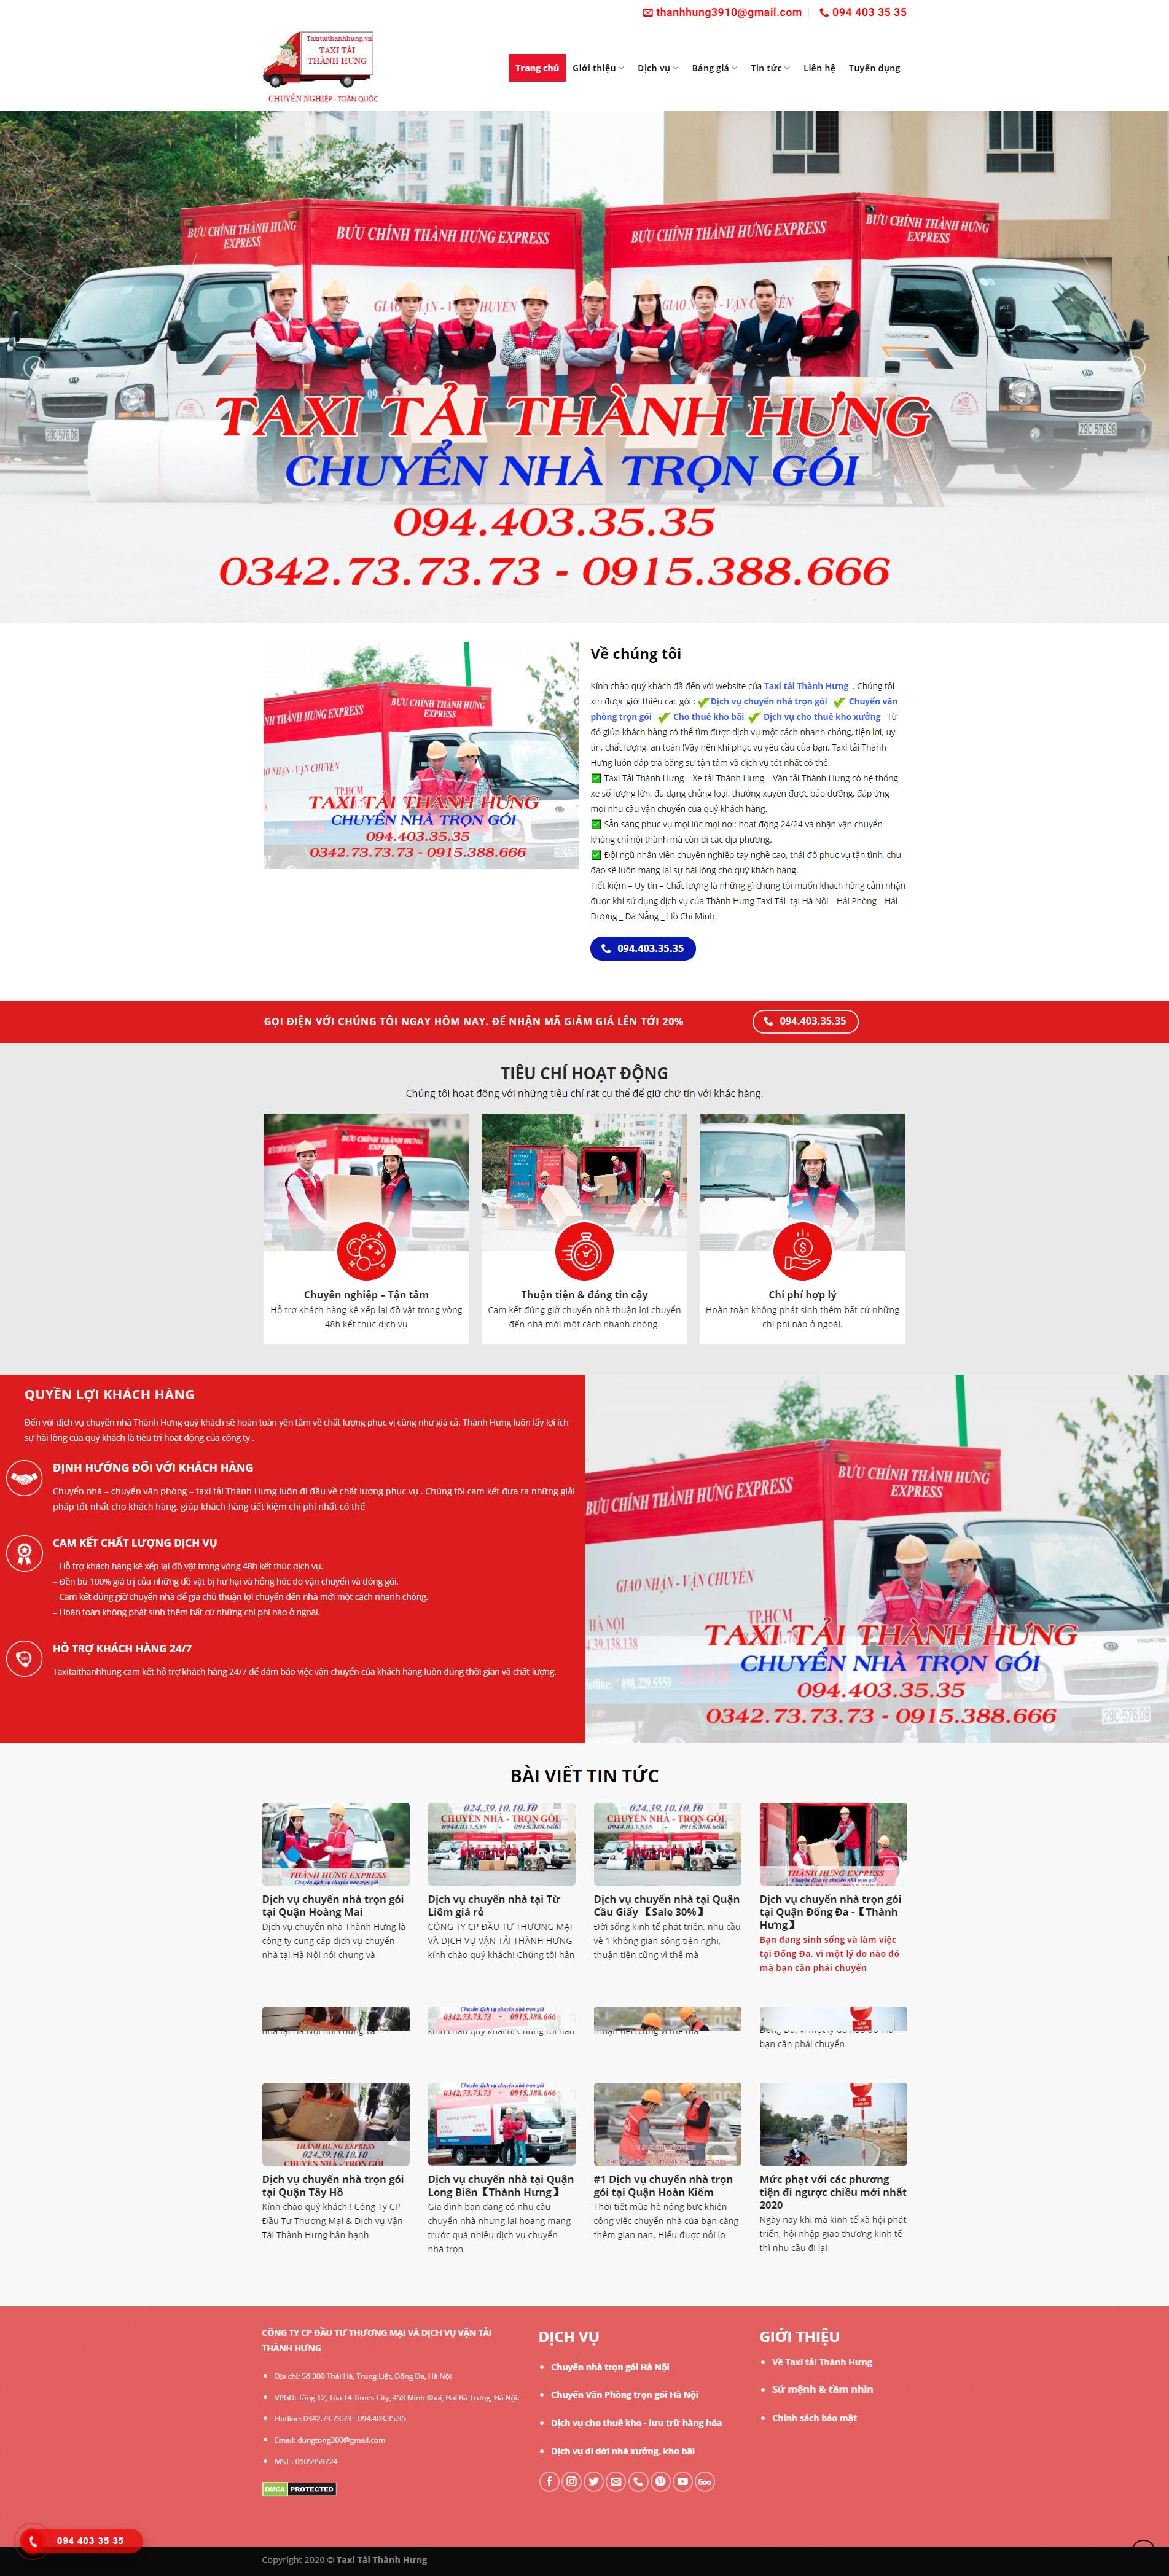 Taxi tải Thành Hưng - Công ty CP ĐTTM   DV Vận Tải Thành Hưng (1)